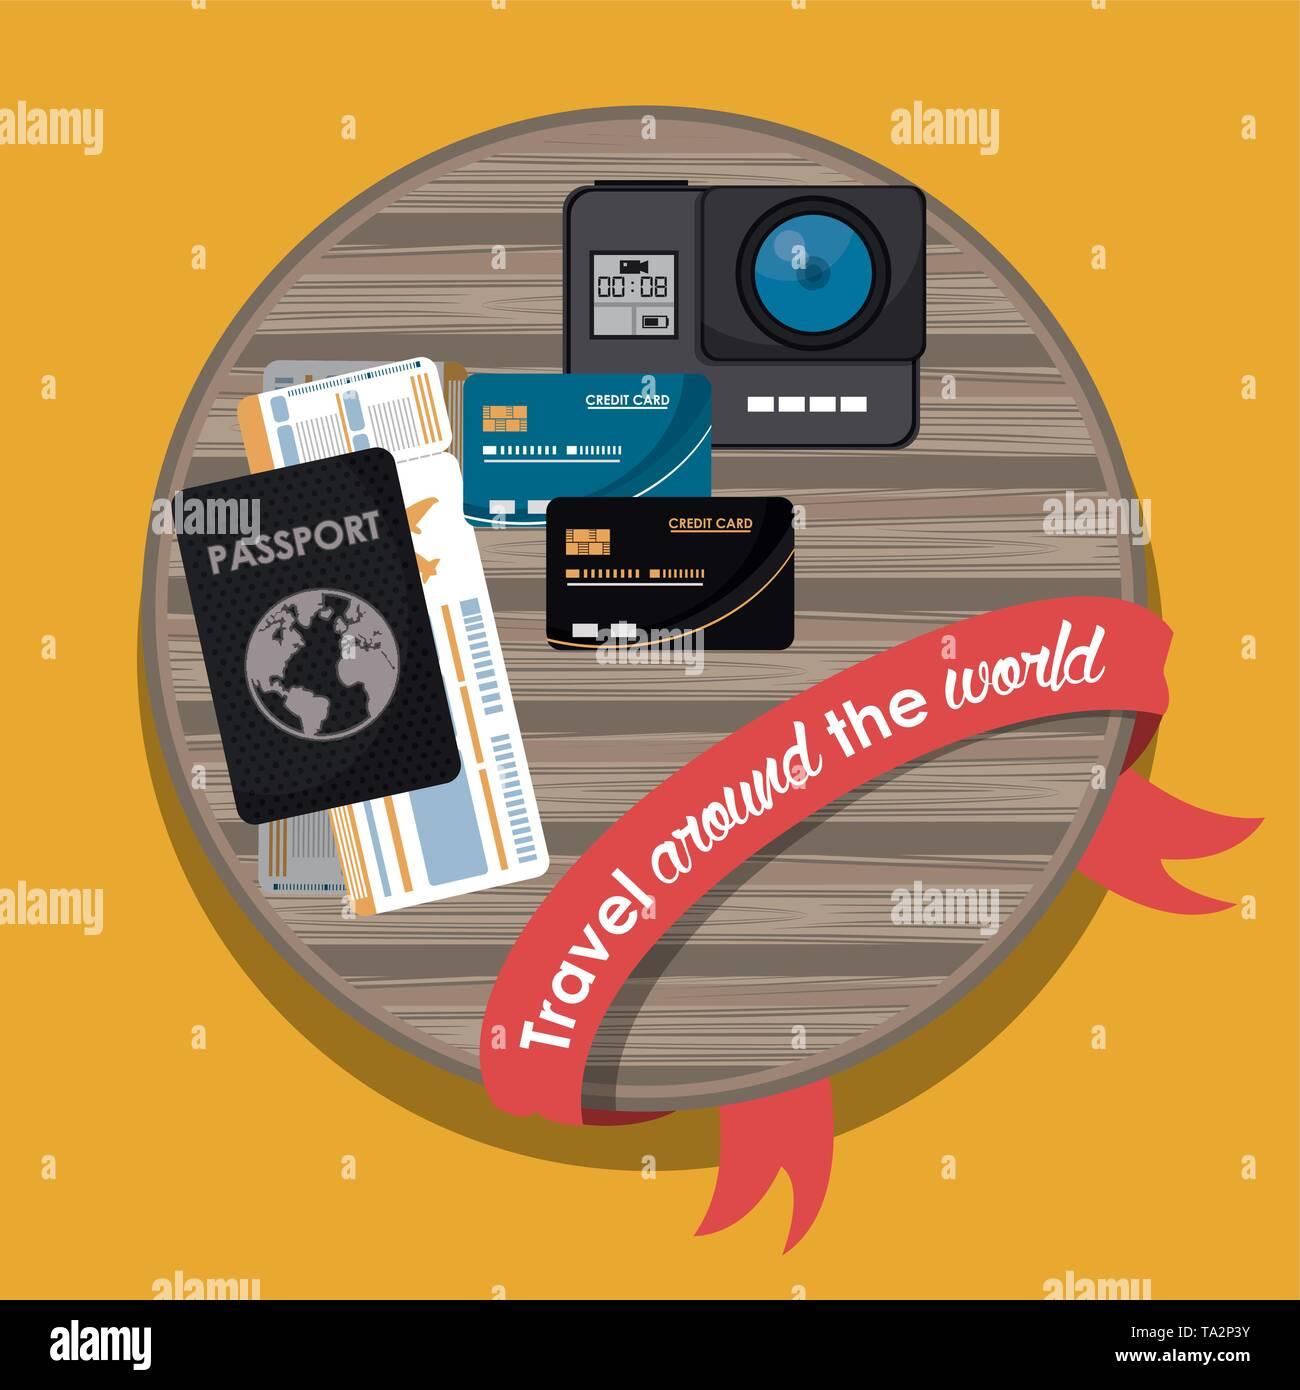 Travel around the world - Stock Image